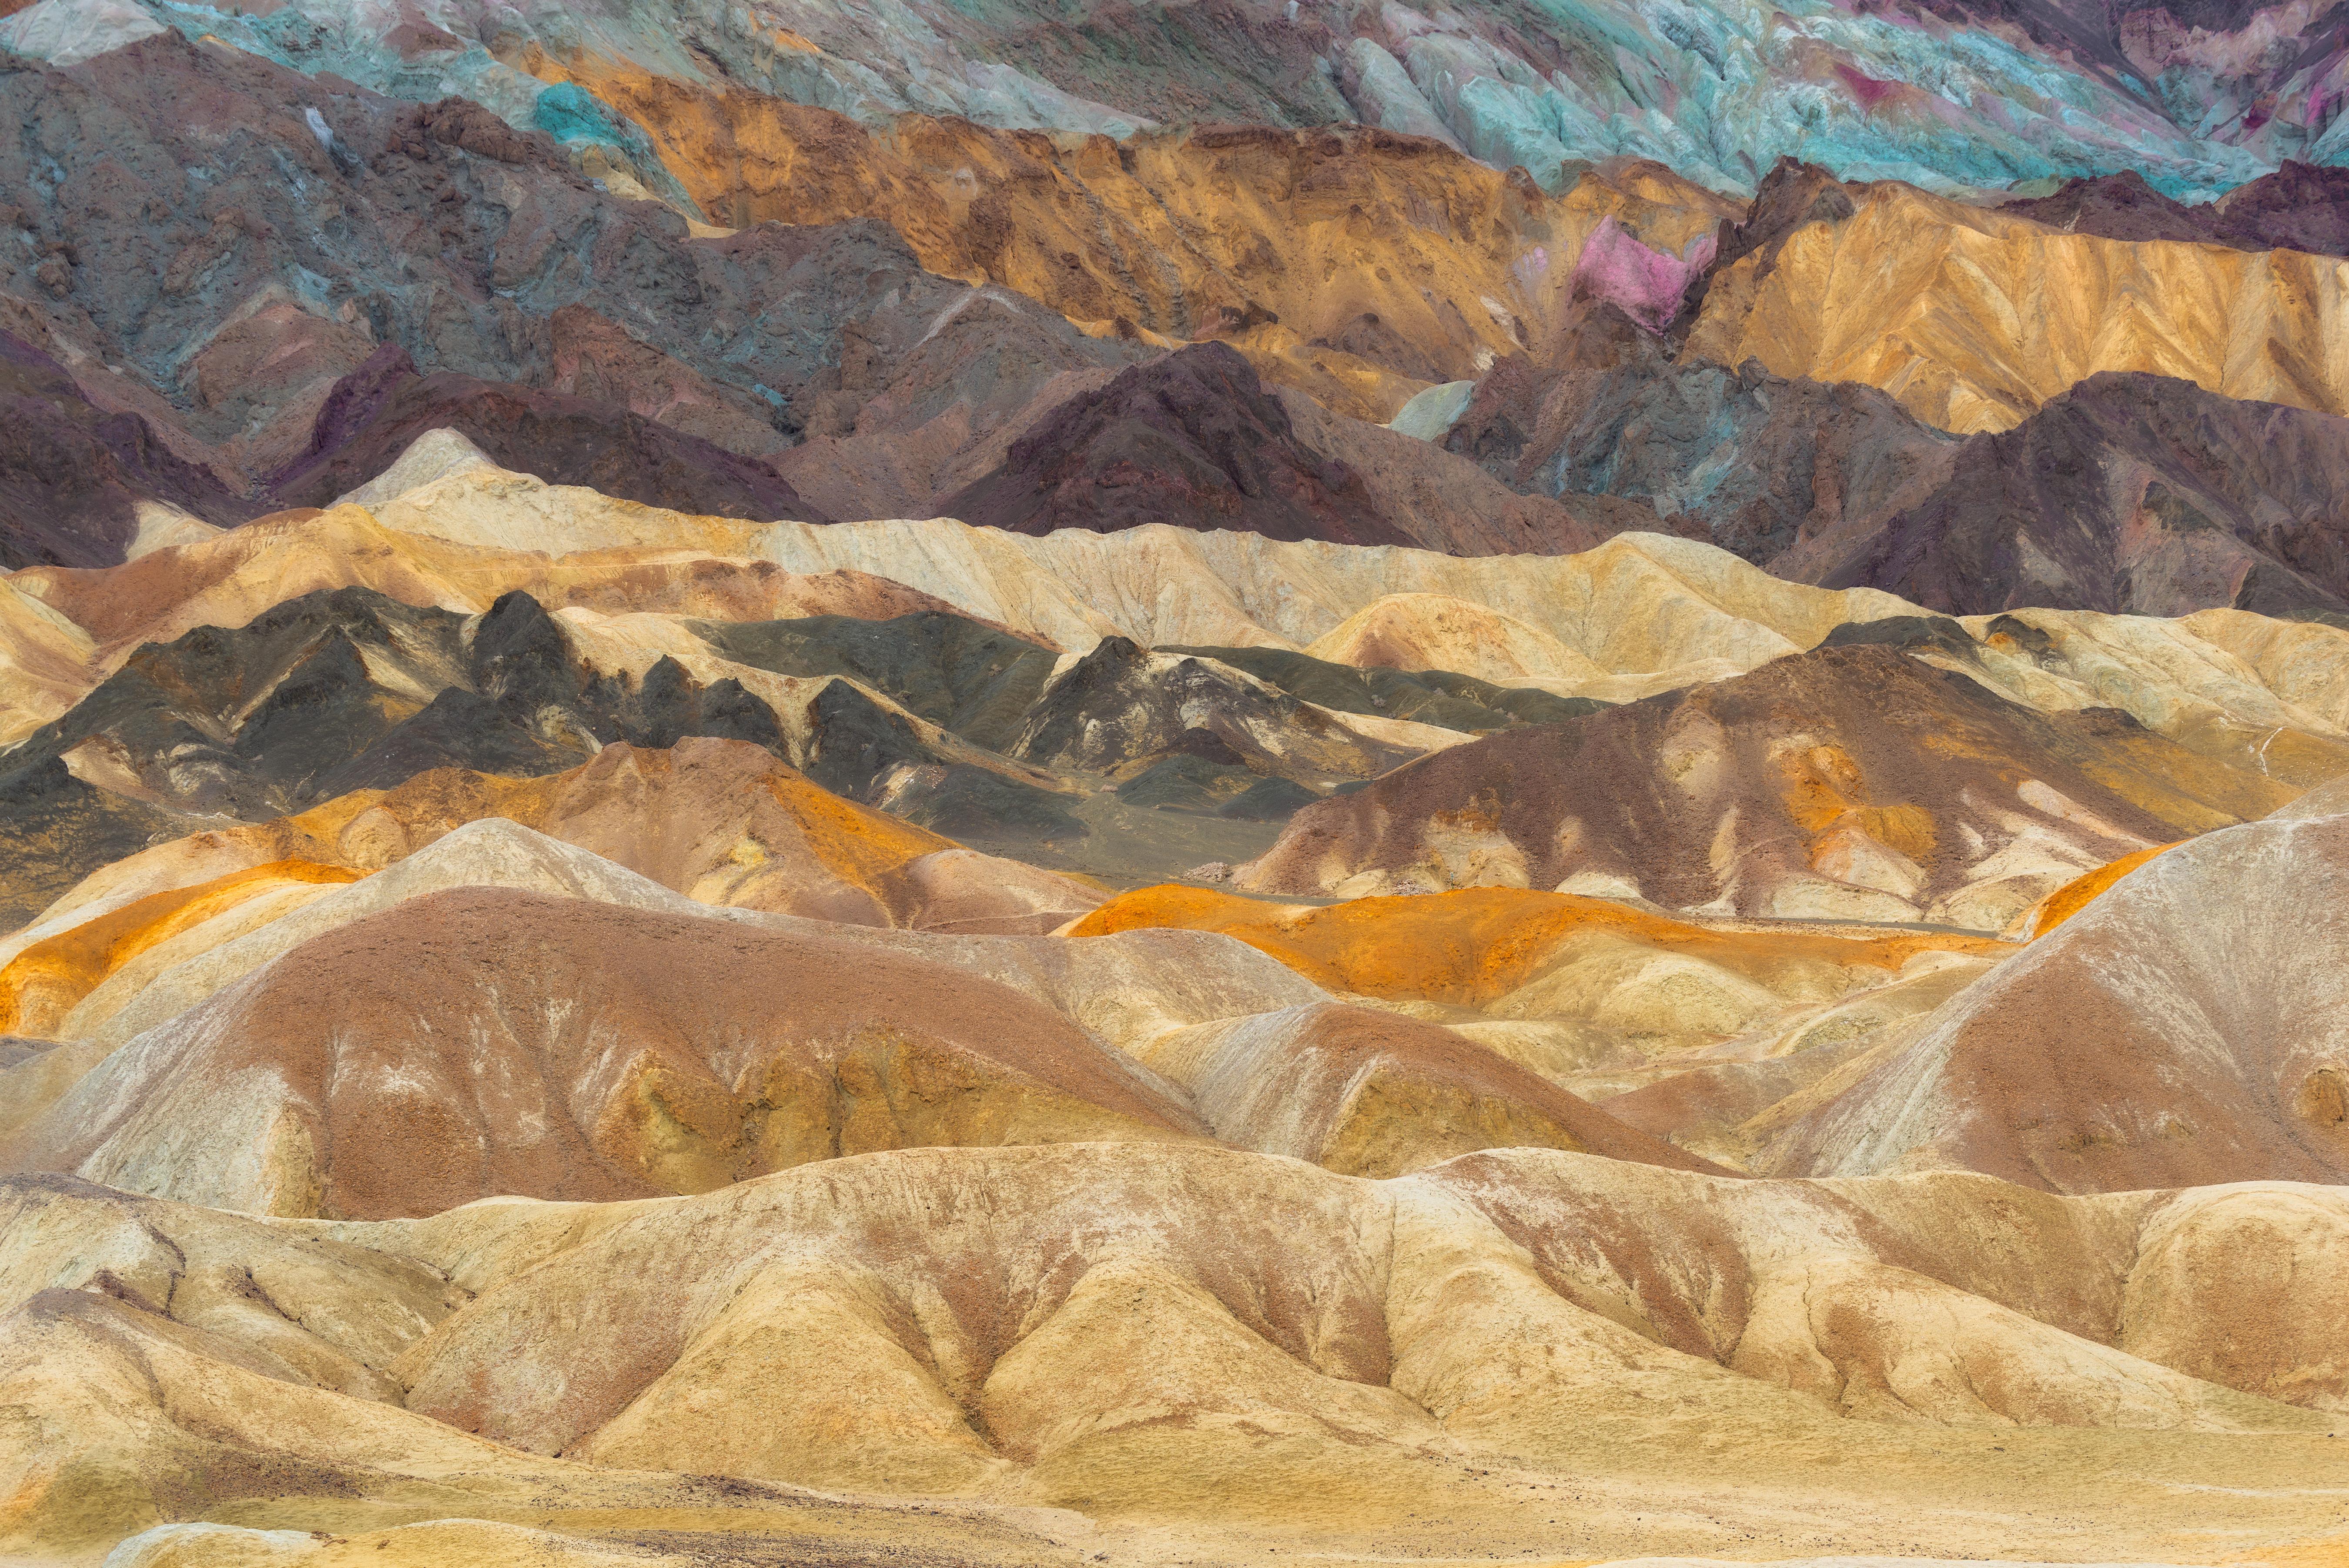 JR_DValley_20_Mule_Canyon-